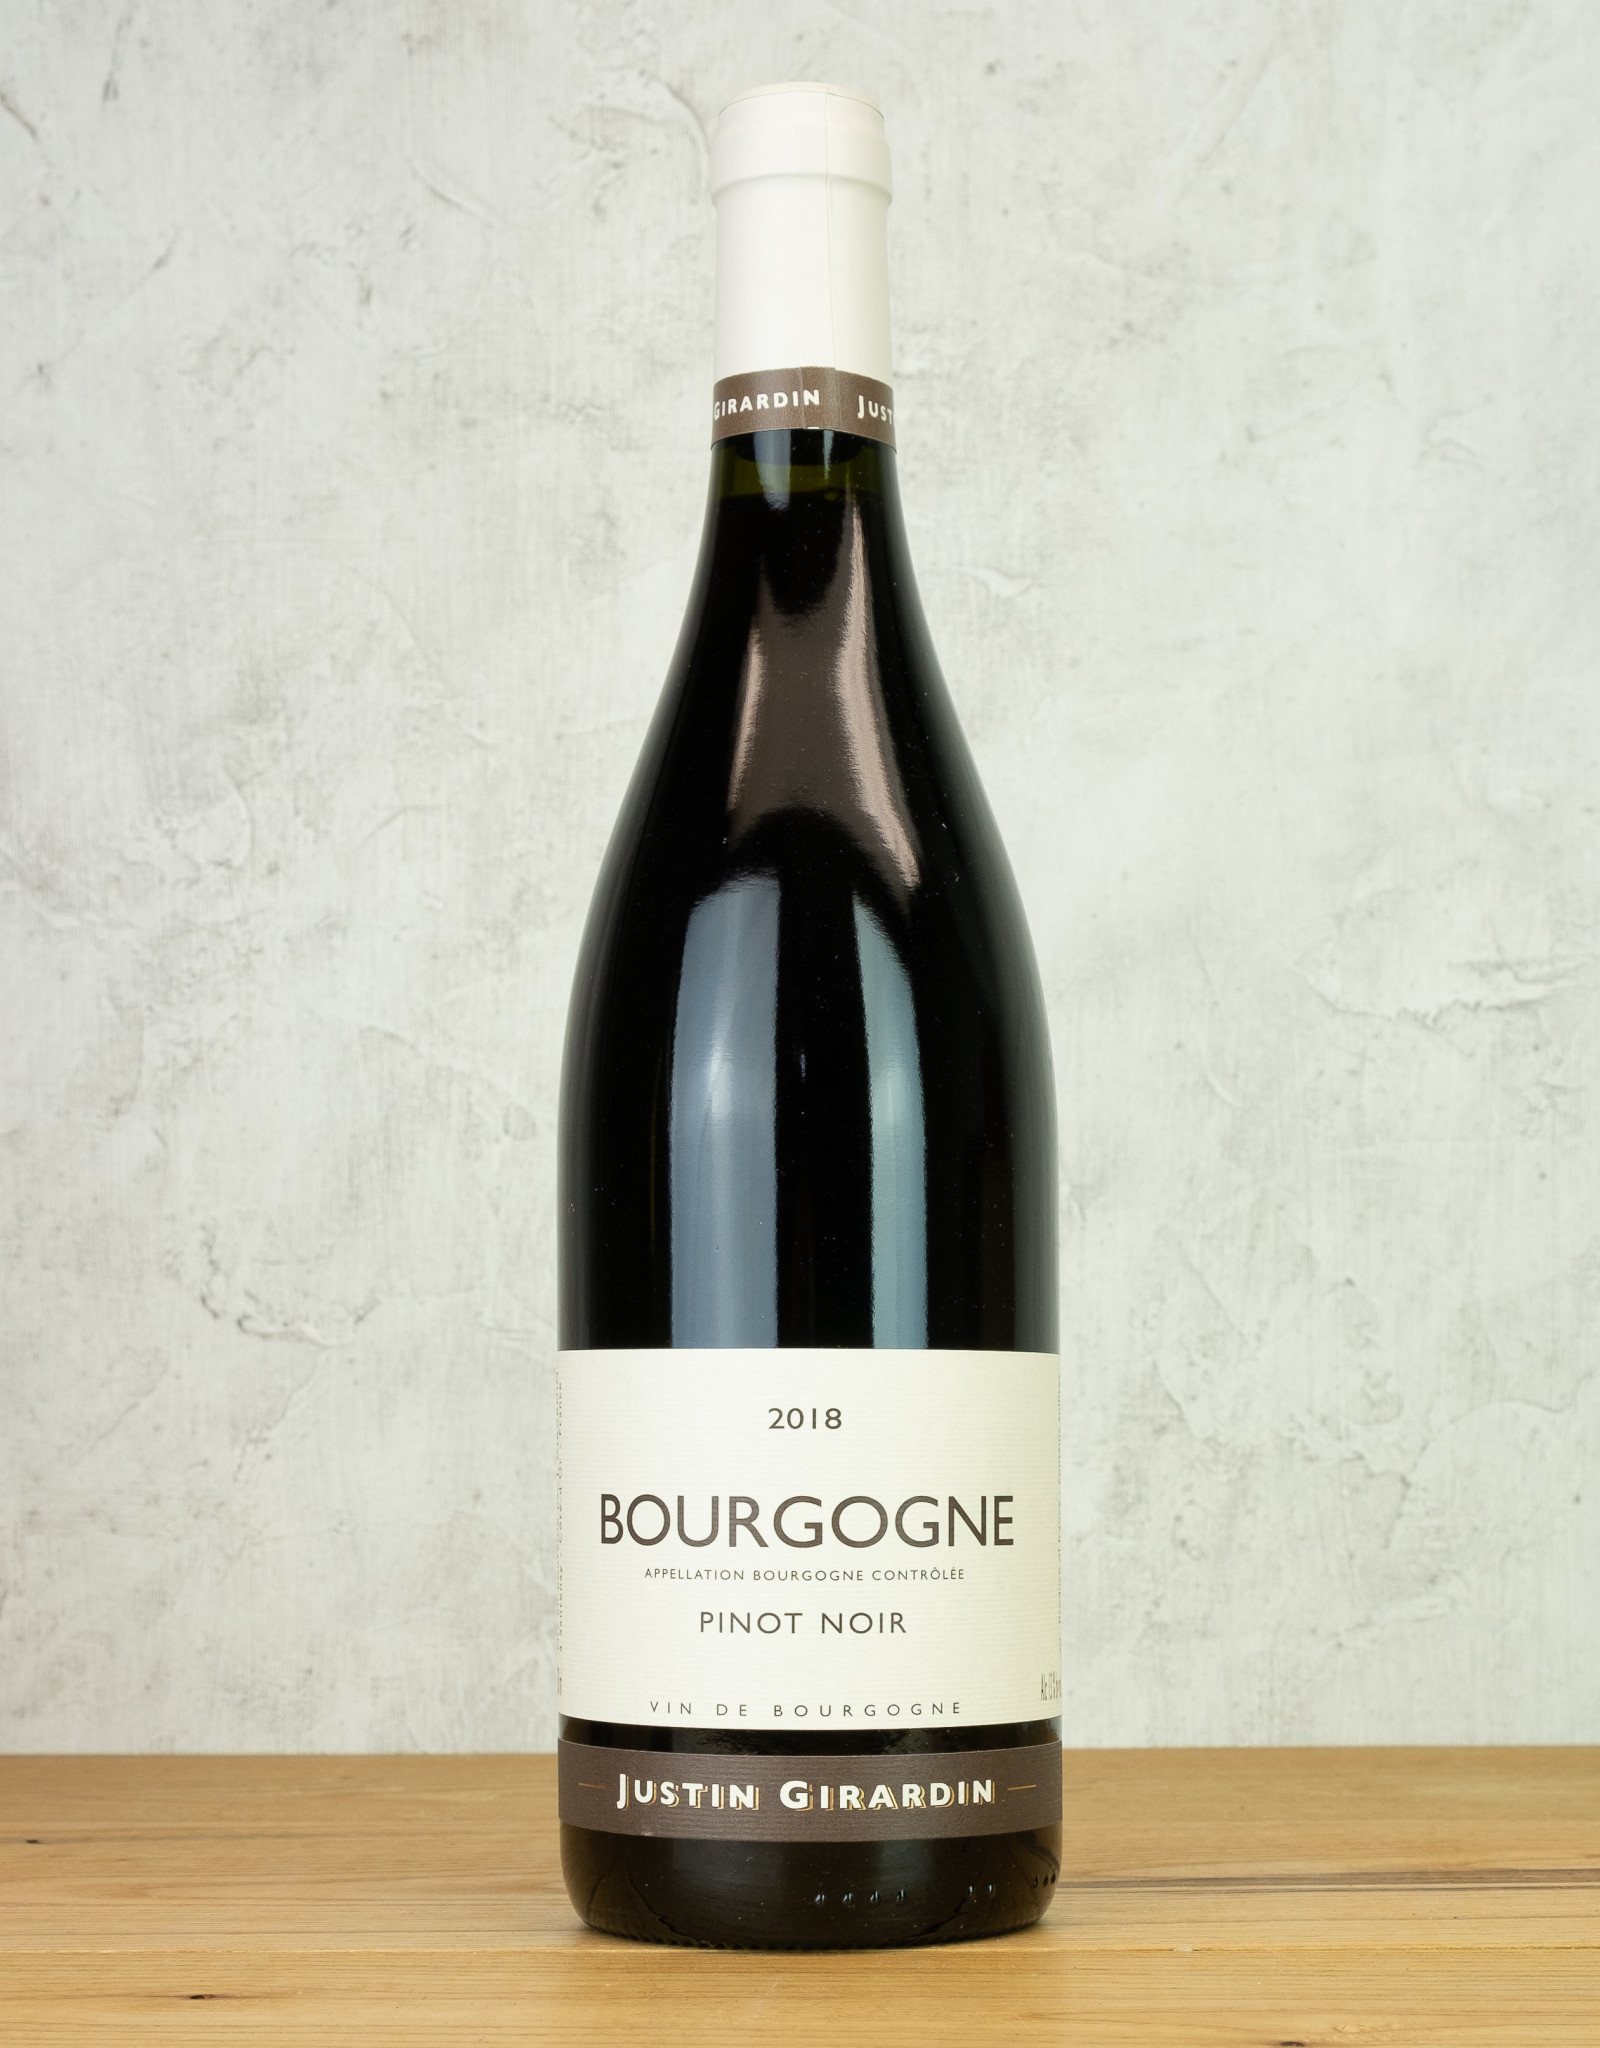 Justin Girardin Bourgogne Rouge